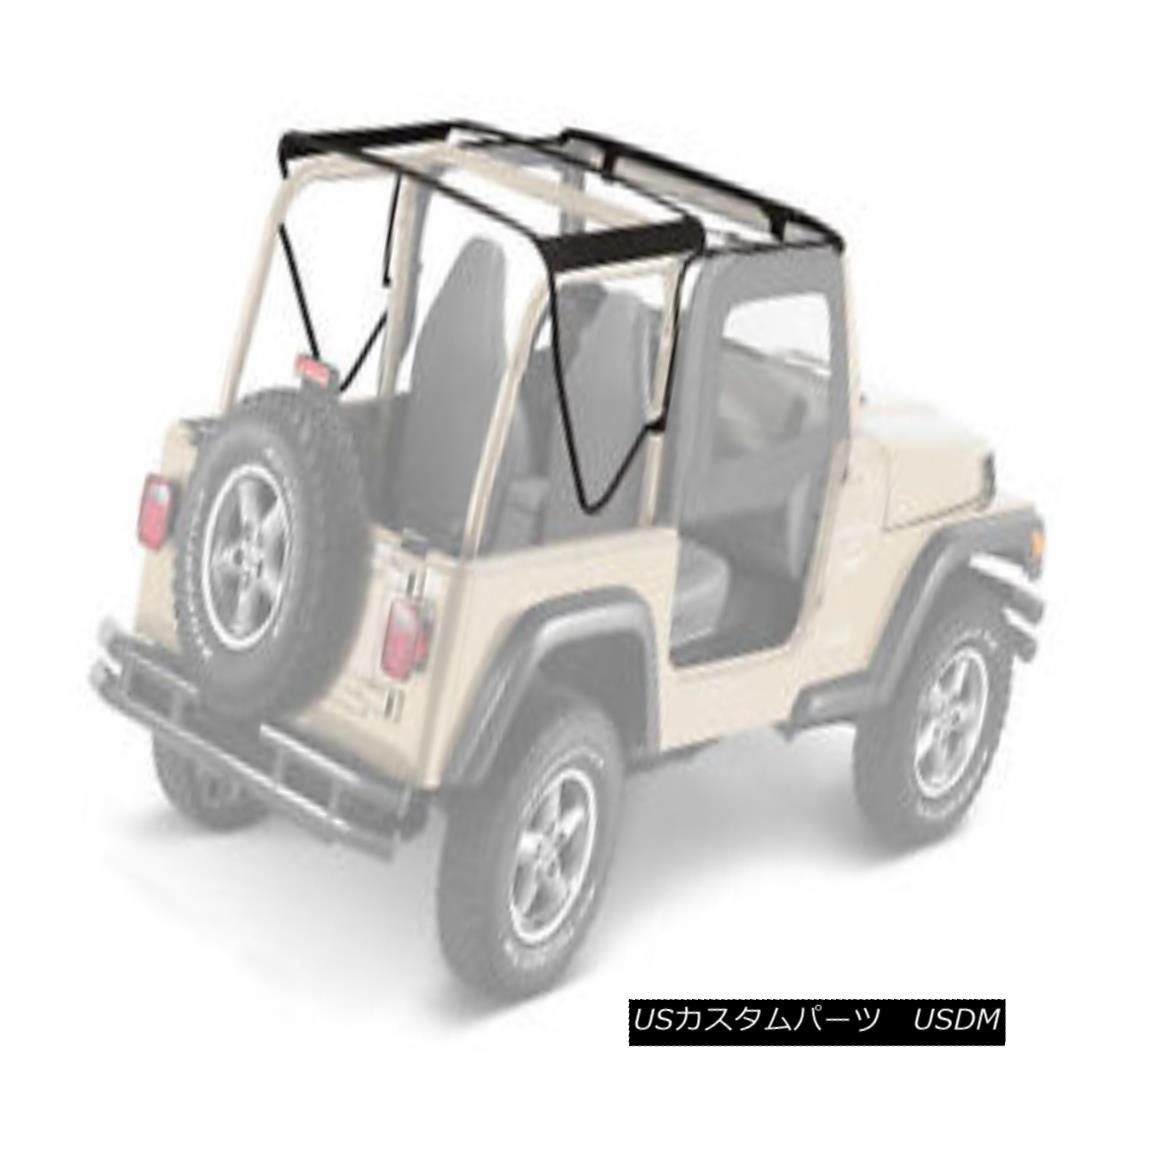 <title>車用品 バイク用品 >> パーツ 外装 エアロパーツ その他 幌 ソフトトップ Bestop Factory Style Bow Kit 97-06 Jeep 送料無料カード決済可能 Wrangler TJ 55002-01 97-06ジープラングラーTJ</title>